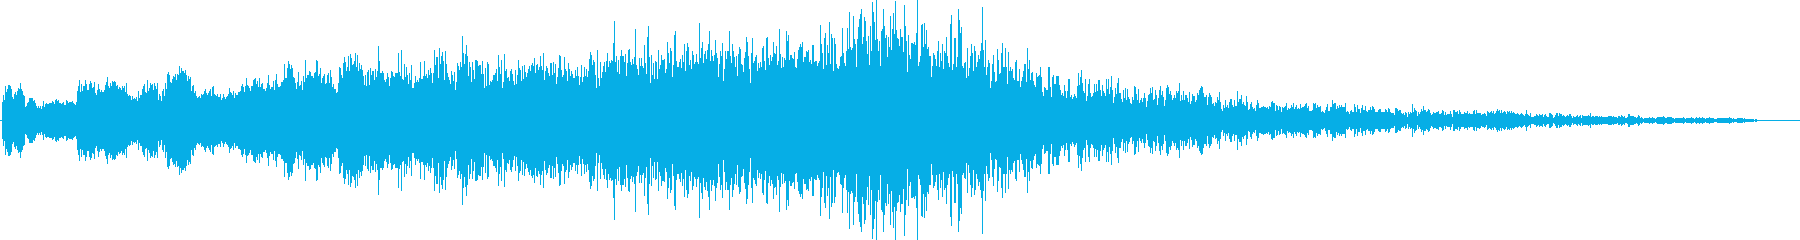 ホラー系SE(鐘・ストリングス)の再生済みの波形